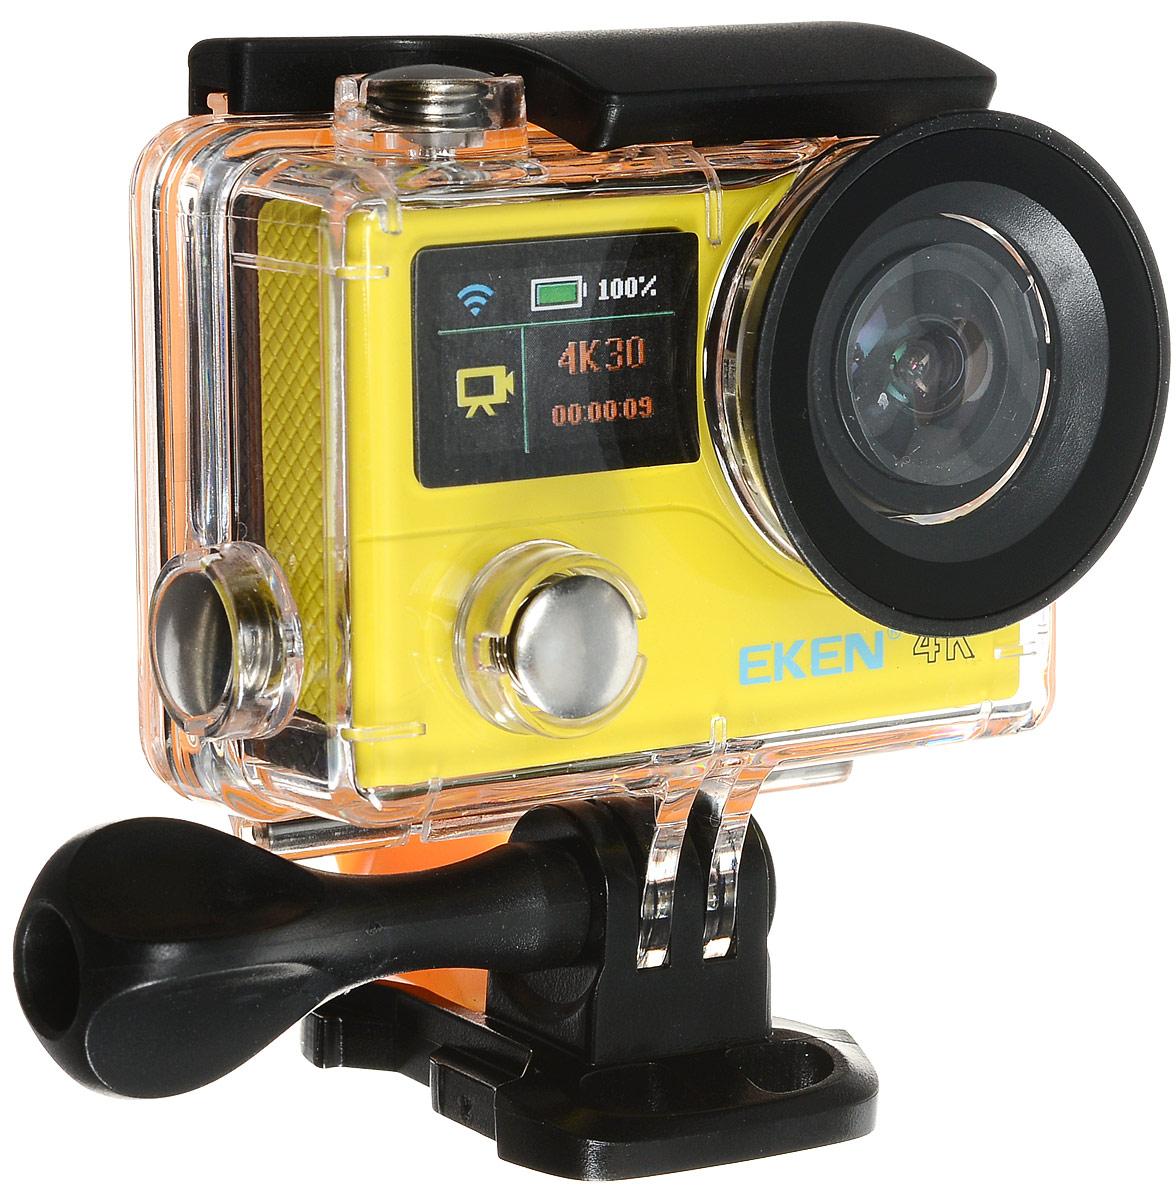 Eken H3R Ultra HD, Yellow экшн-камераH3R/H8Rse YELLOWЭкшн-камера Eken H3R Ultra HD позволяет записывать видео с разрешением 4К и очень плавным изображением до 25 кадров в секунду. Камера имеет два дисплея: 2 TFT LCD основной экран и 0.95 OLED экран статуса (уровень заряда батареи, подключение к WiFi, режим съемки и длительность записи). Эта модель сделана для любителей спорта на улице, подводного плавания, скейтбординга, скай-дайвинга, скалолазания, бега или охоты. Снимайте с руки, на велосипеде, в машине и где угодно. По сравнению с предыдущими версиями, в Eken H3R Ultra HD вы найдете уменьшенные размеры корпуса, увеличенный до 2-х дюймов экран, невероятную оптику и фантастическое разрешение изображения при съемке 25 кадров в секунду! Управляйте вашей H3R на своем смартфоне или планшете. Приложение Ez iCam App позволяет работать с браузером и наблюдать все то, что видит ваша камера. В комплекте с камерой идет пульт ДУ работающий на частоте 2,4 ГГц. Он позволяет начинать и заканчивать съемку...